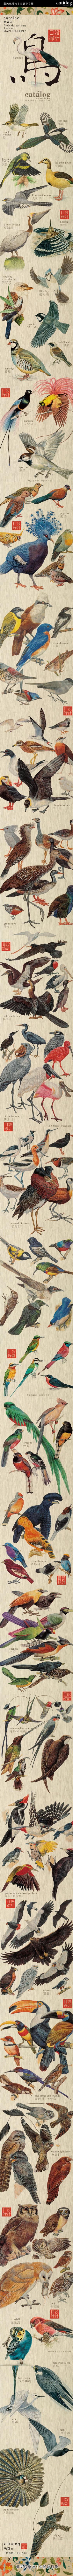 Catálogo de Pássaros